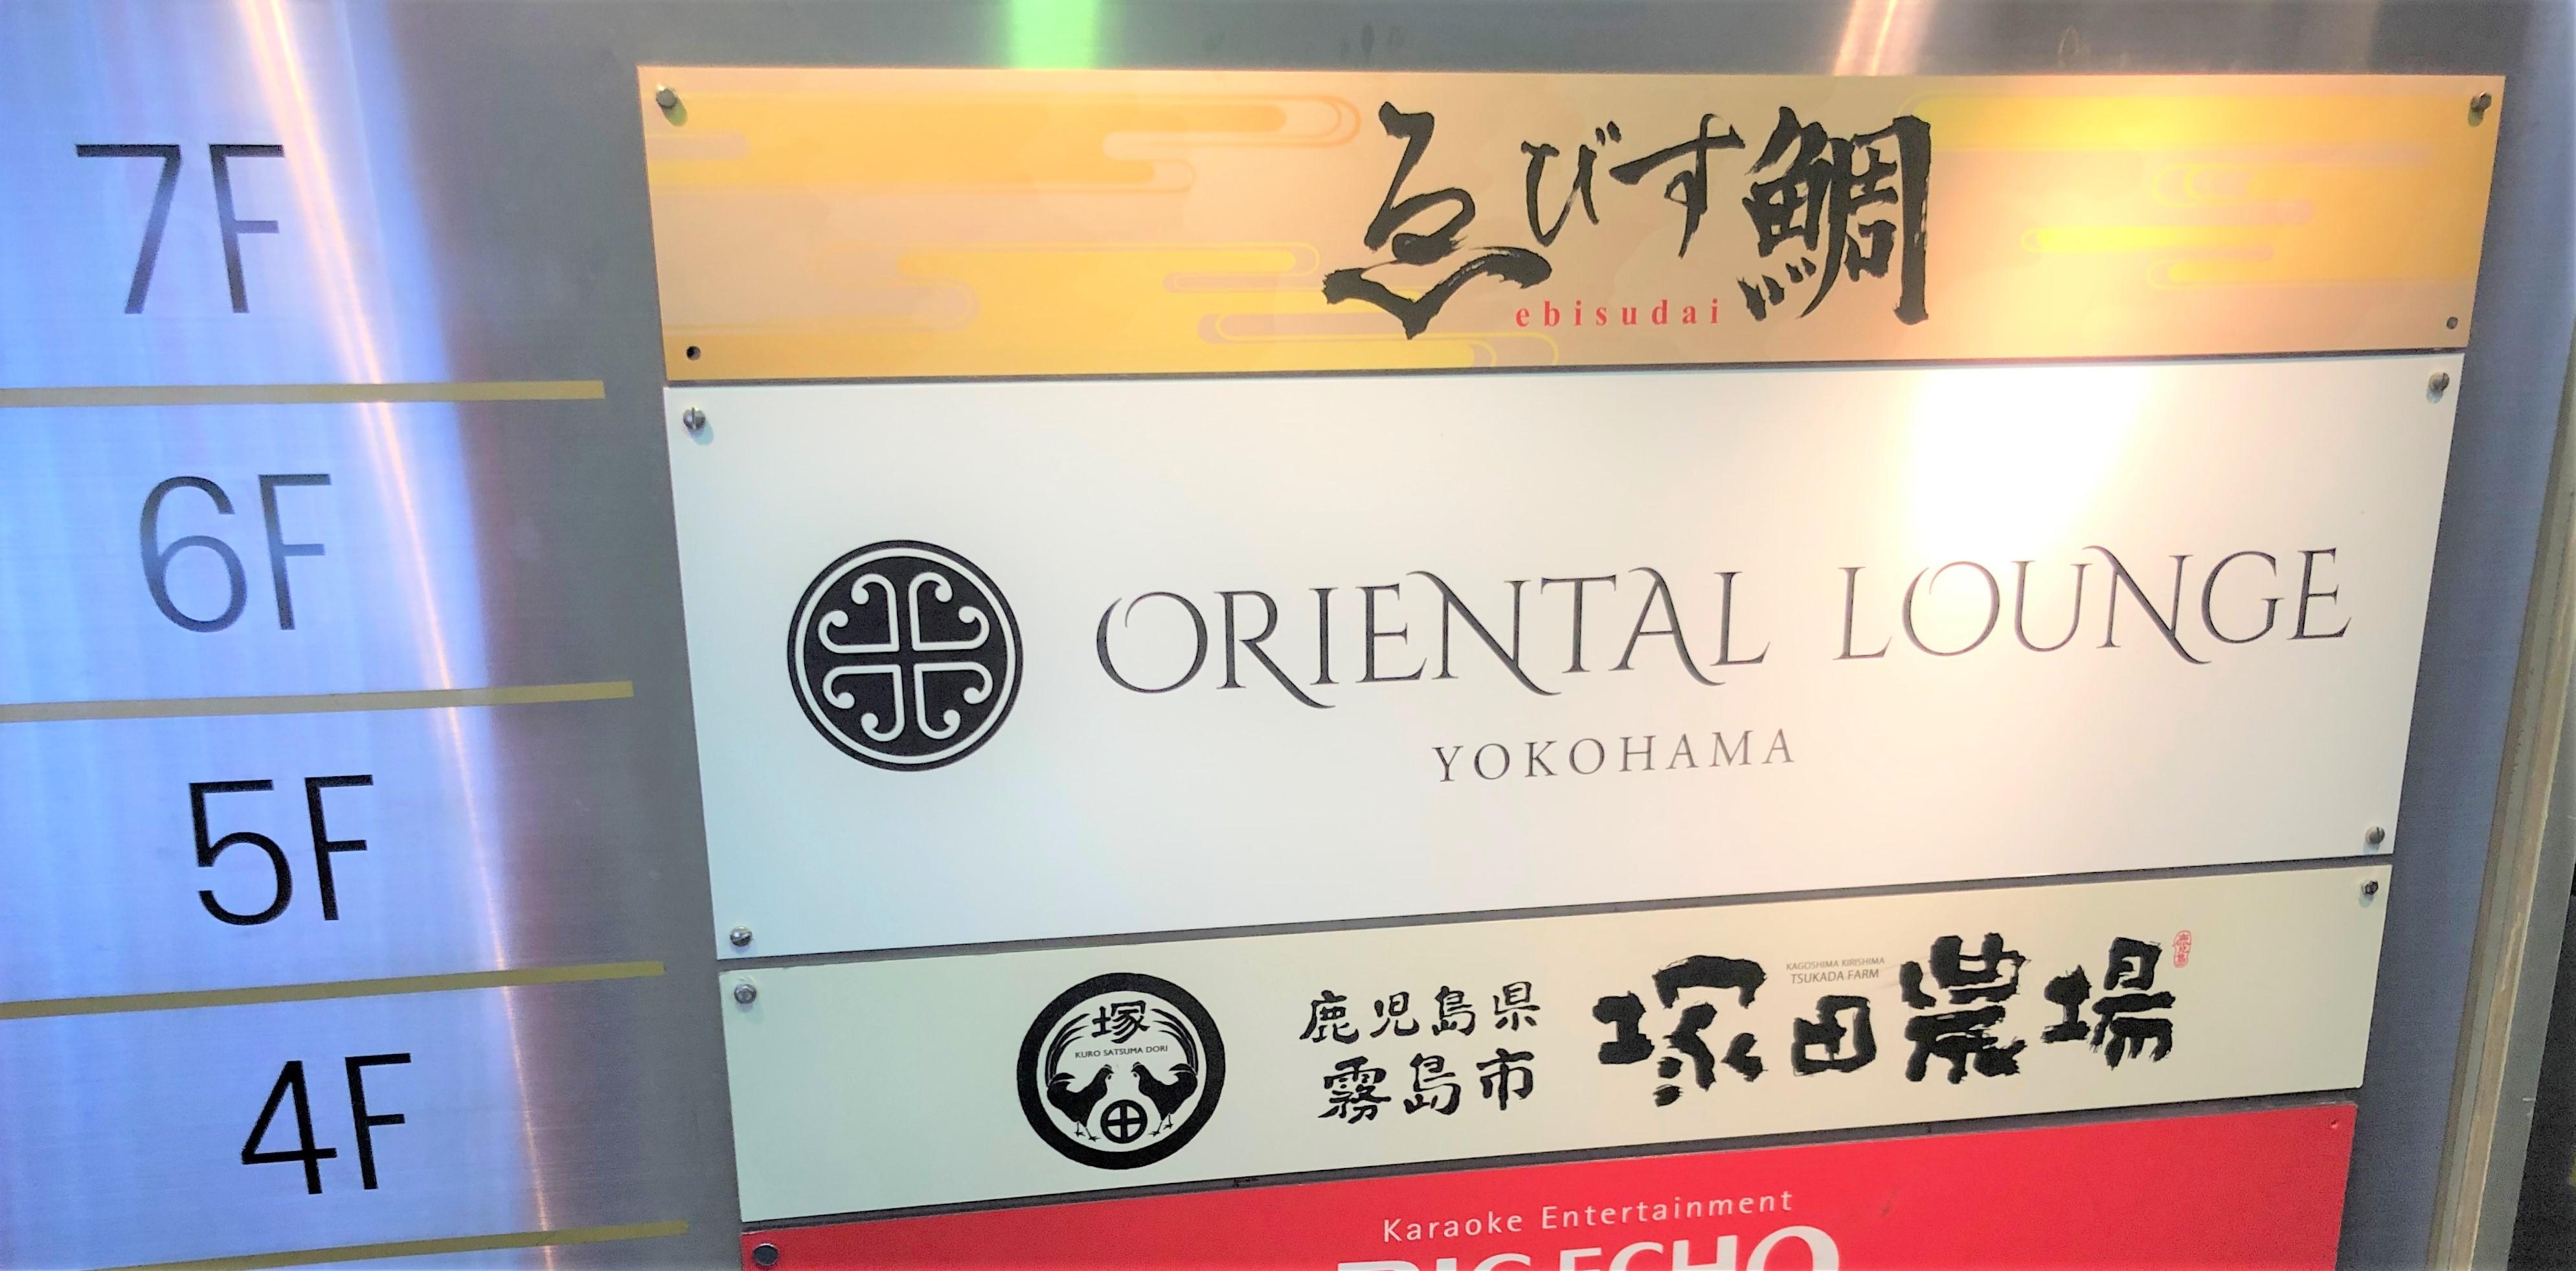 オリエンタルラウンジ横浜に潜入!ノリで潜入したら色々ヤバいことに!?